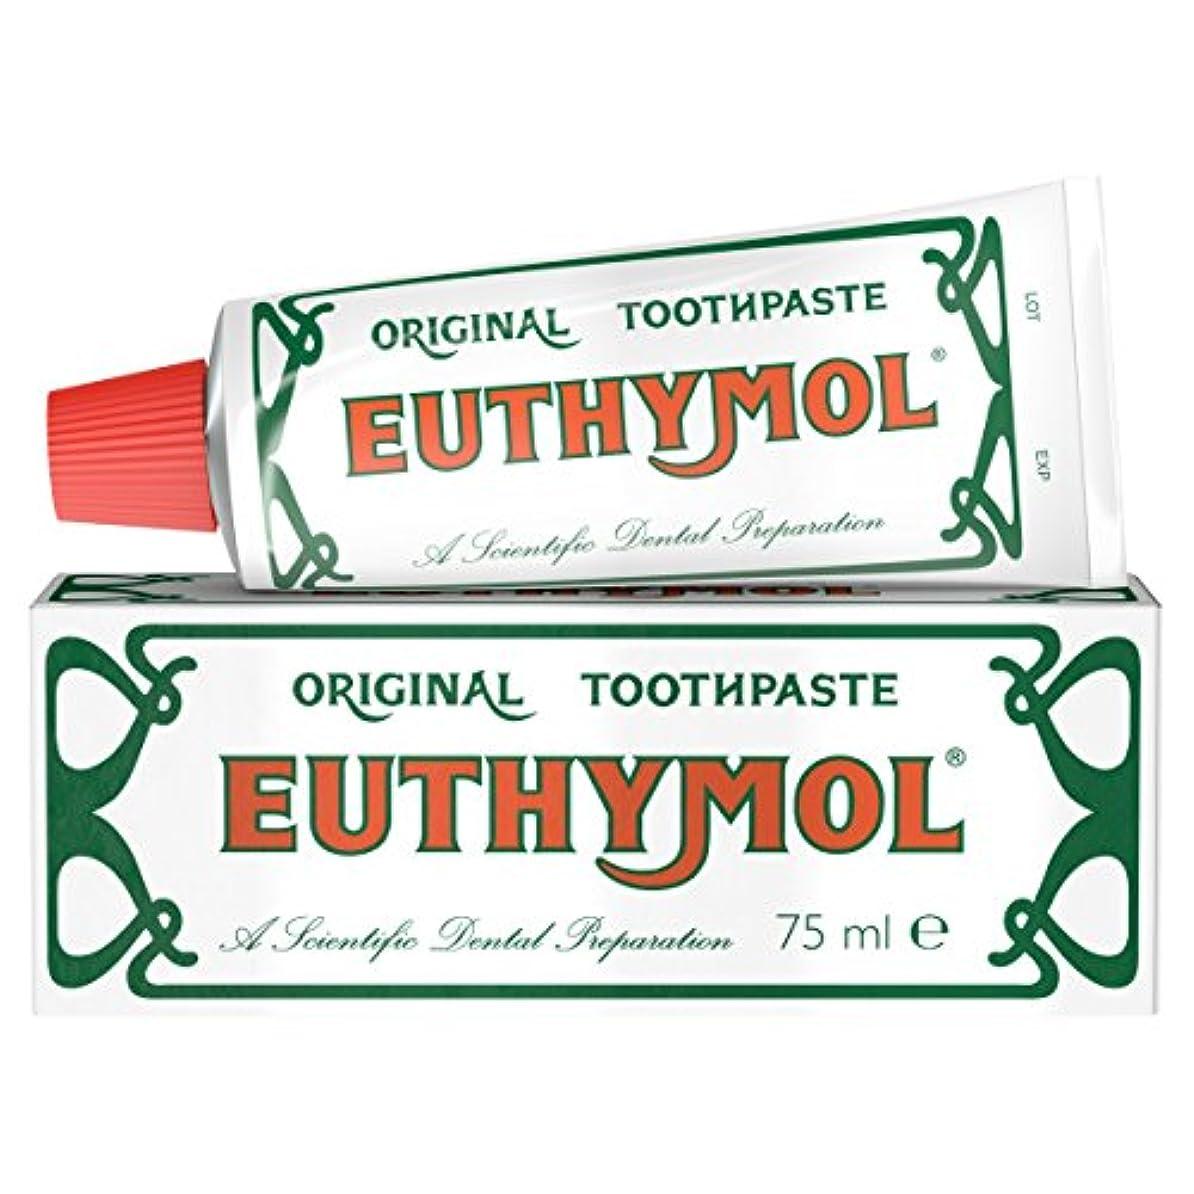 フットボールループ切り離すEuthymol オリジナル歯磨き粉 75ml 並行輸入品 Euthymol Original Toothpaste 75 Ml